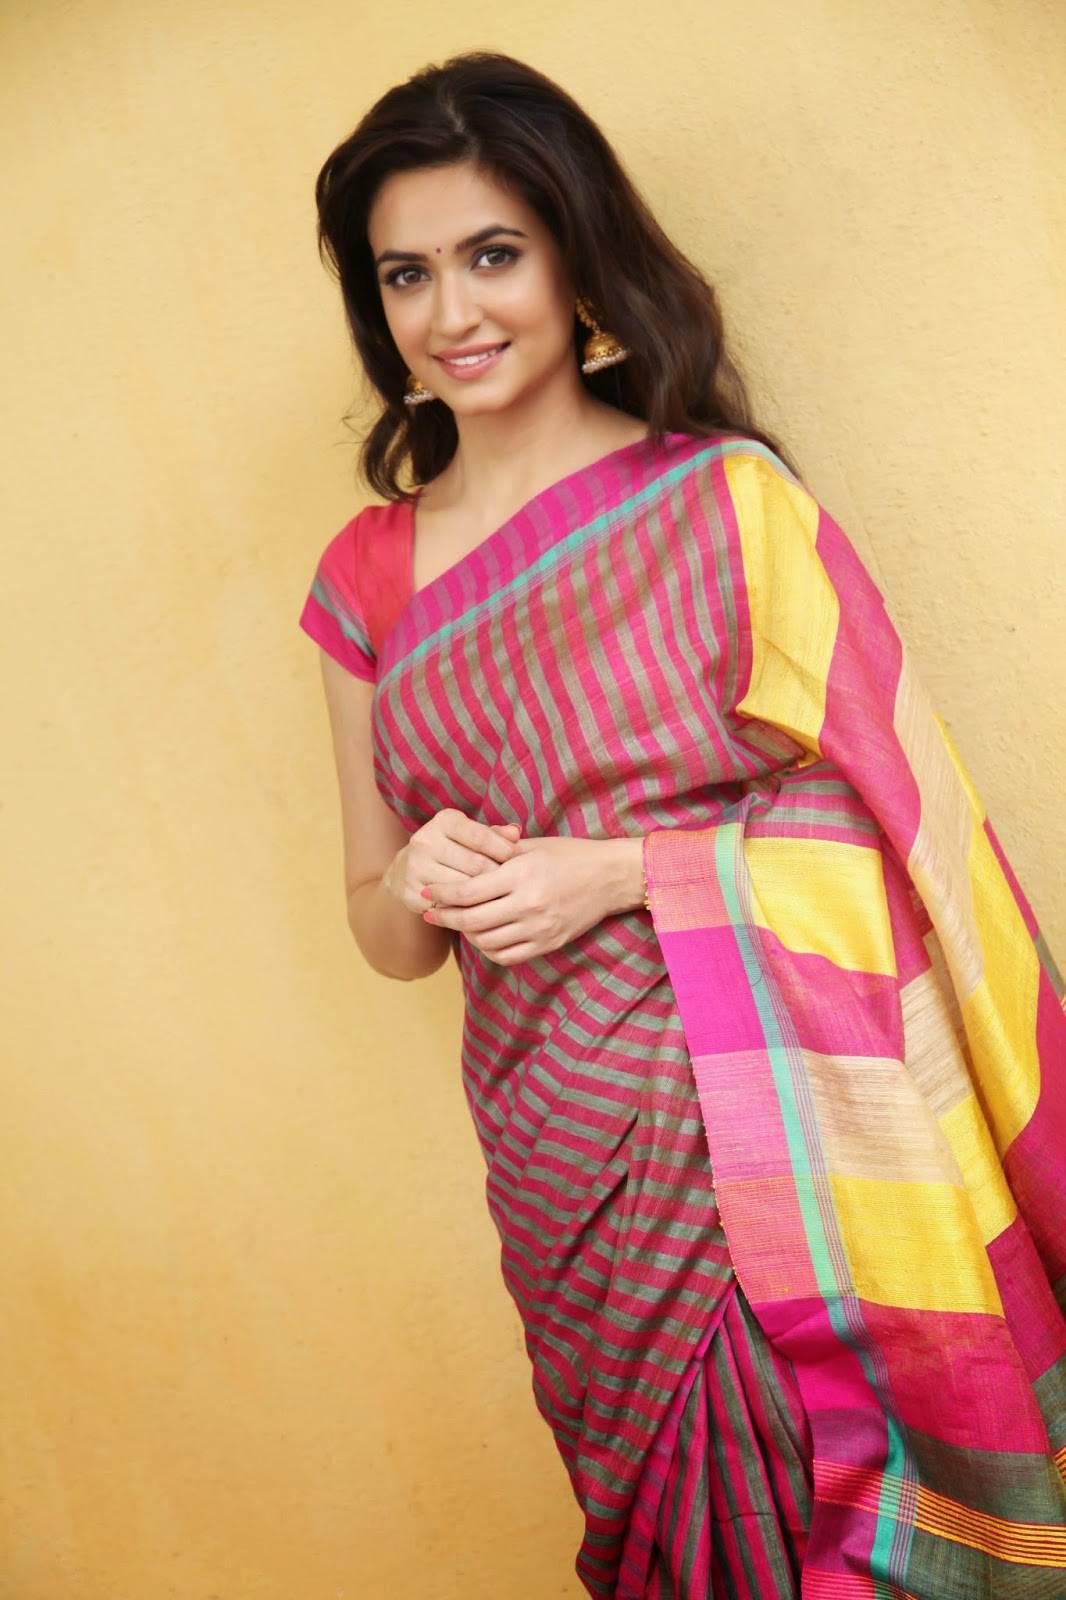 Telugu Actress Kriti Kharbanda Stills In Indian Saree - More Indian Bollywood Actress -2123